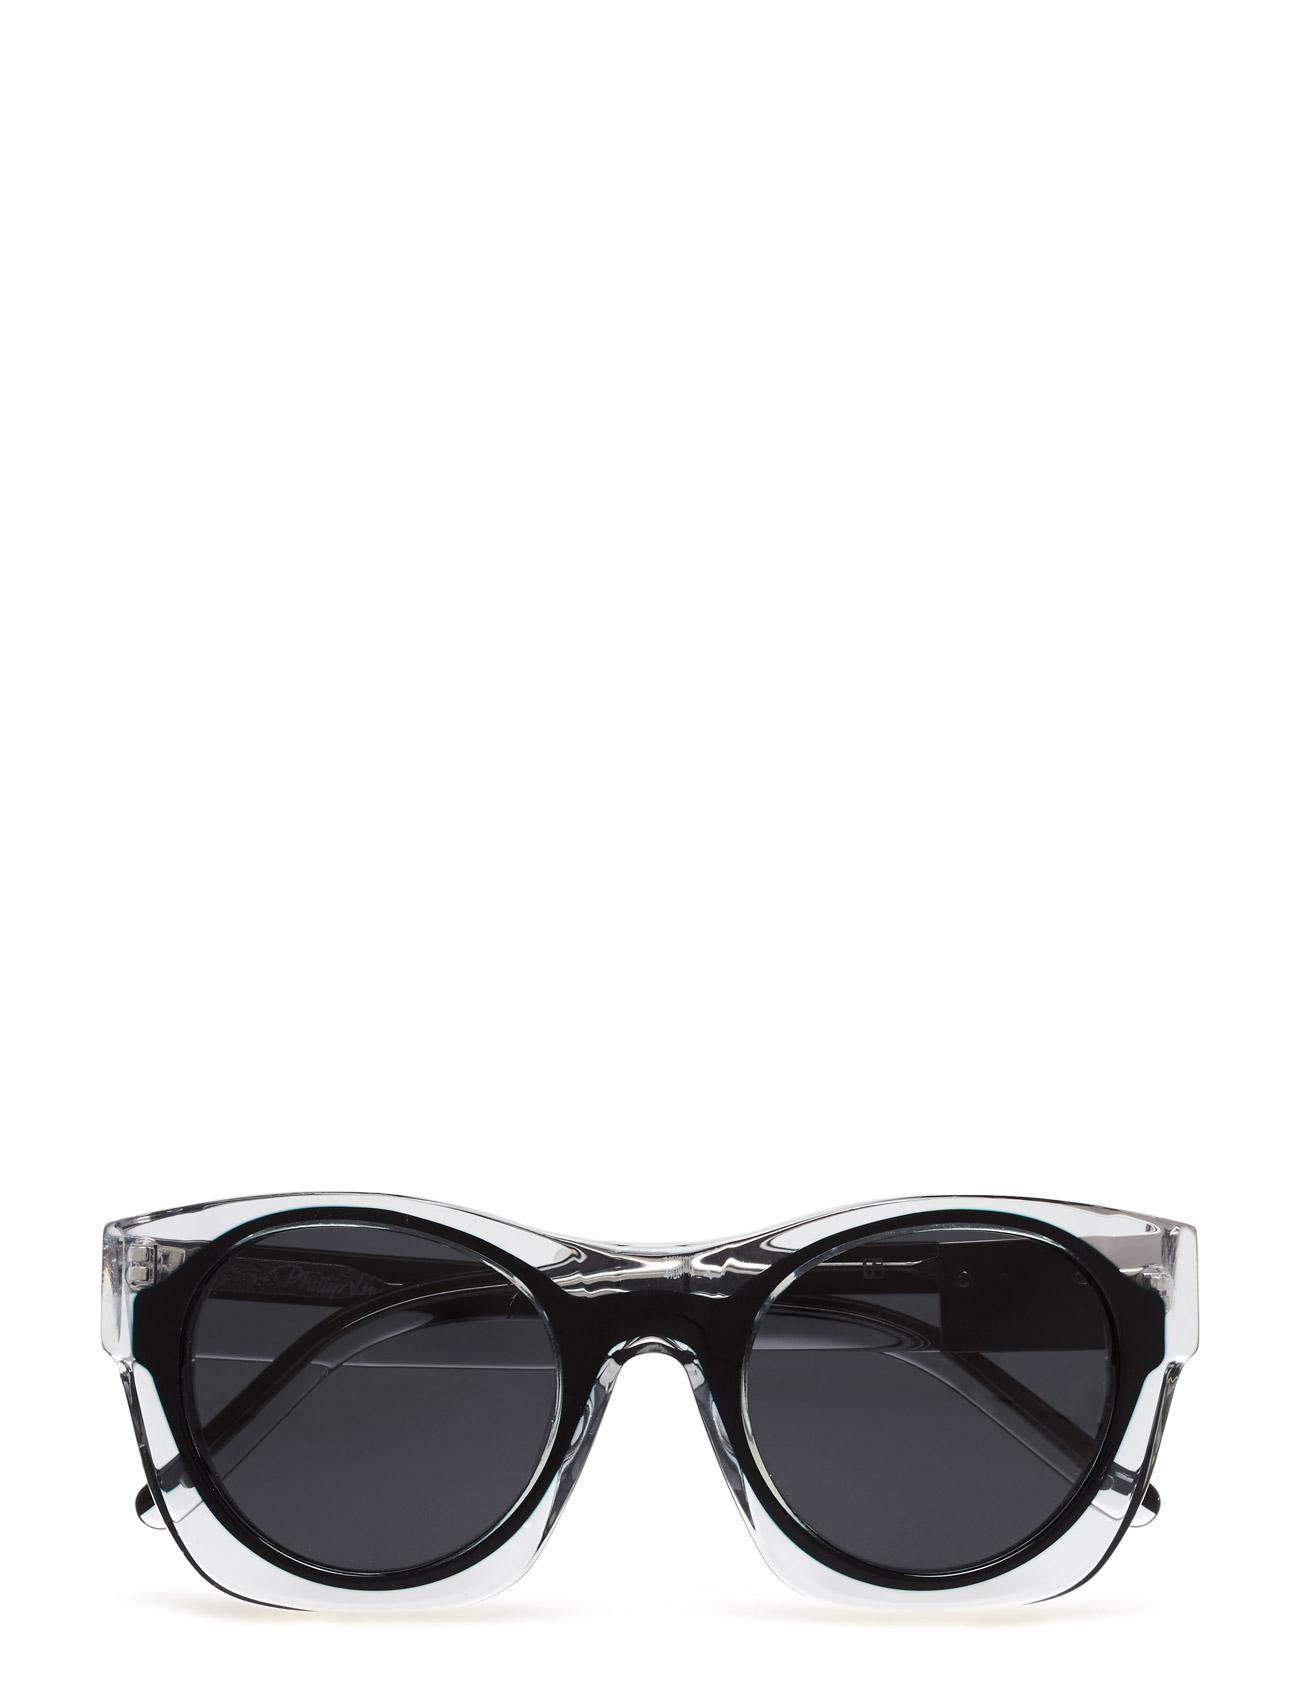 3.1 phillip lim sunglasses Phillip lim 137 c1 fra boozt.com dk